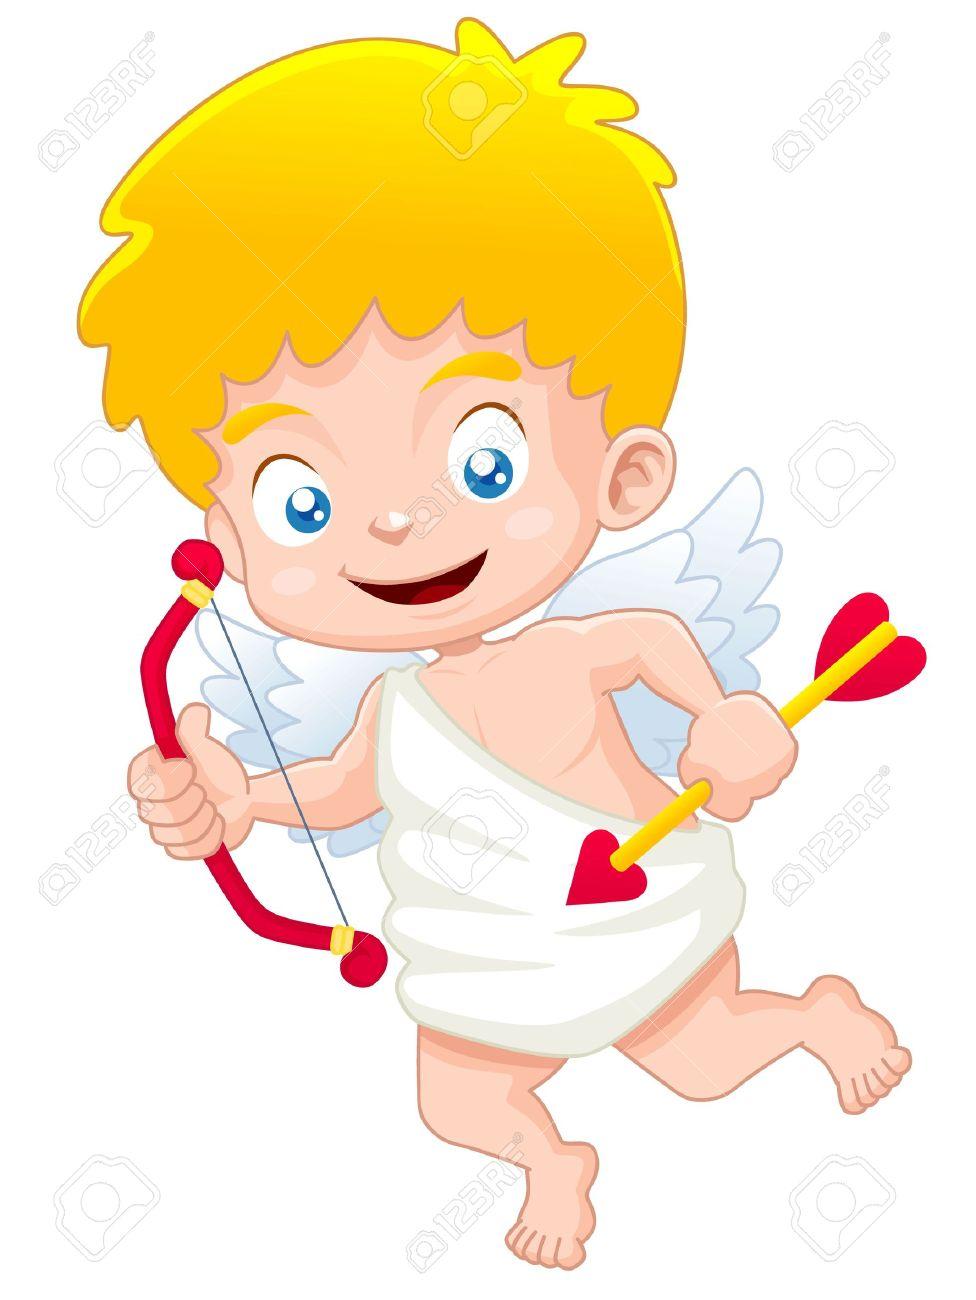 medium resolution of illustration of cute cupid stock vector 15524932